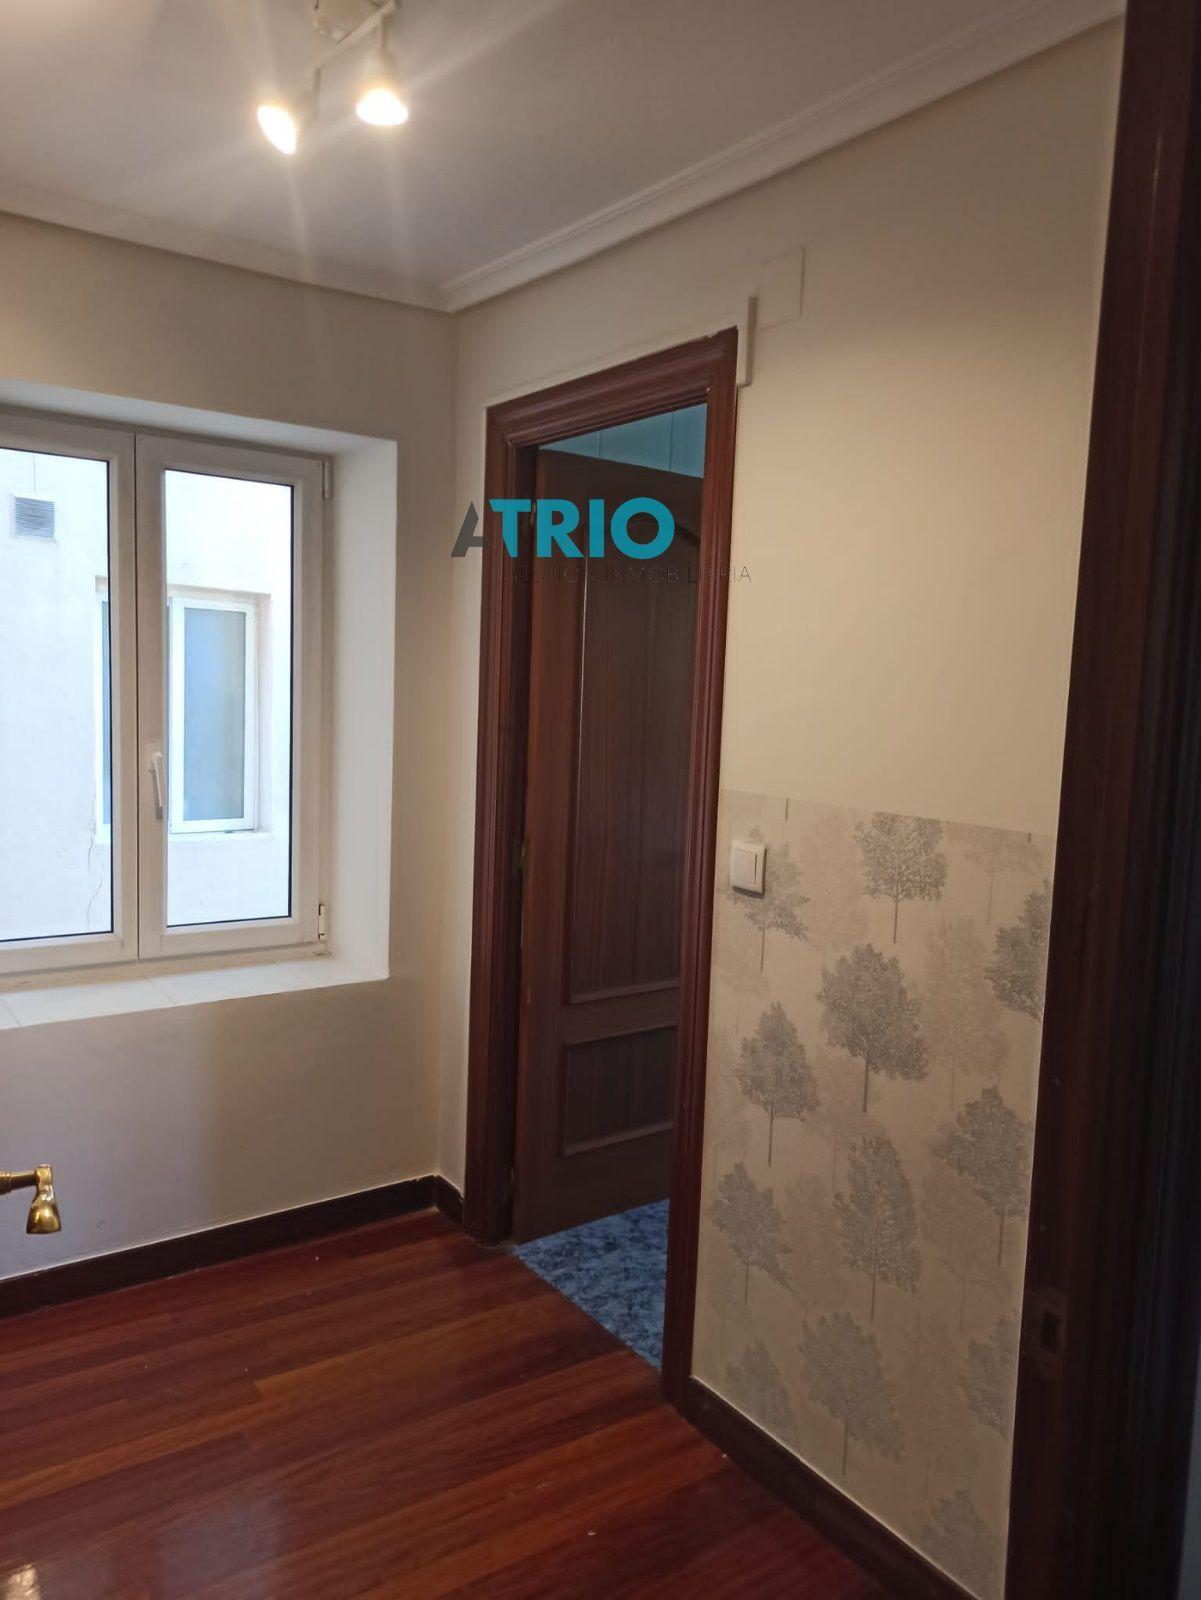 dia.mobiliagestion.es/Portals/inmoatrio/Images/7451/6489992